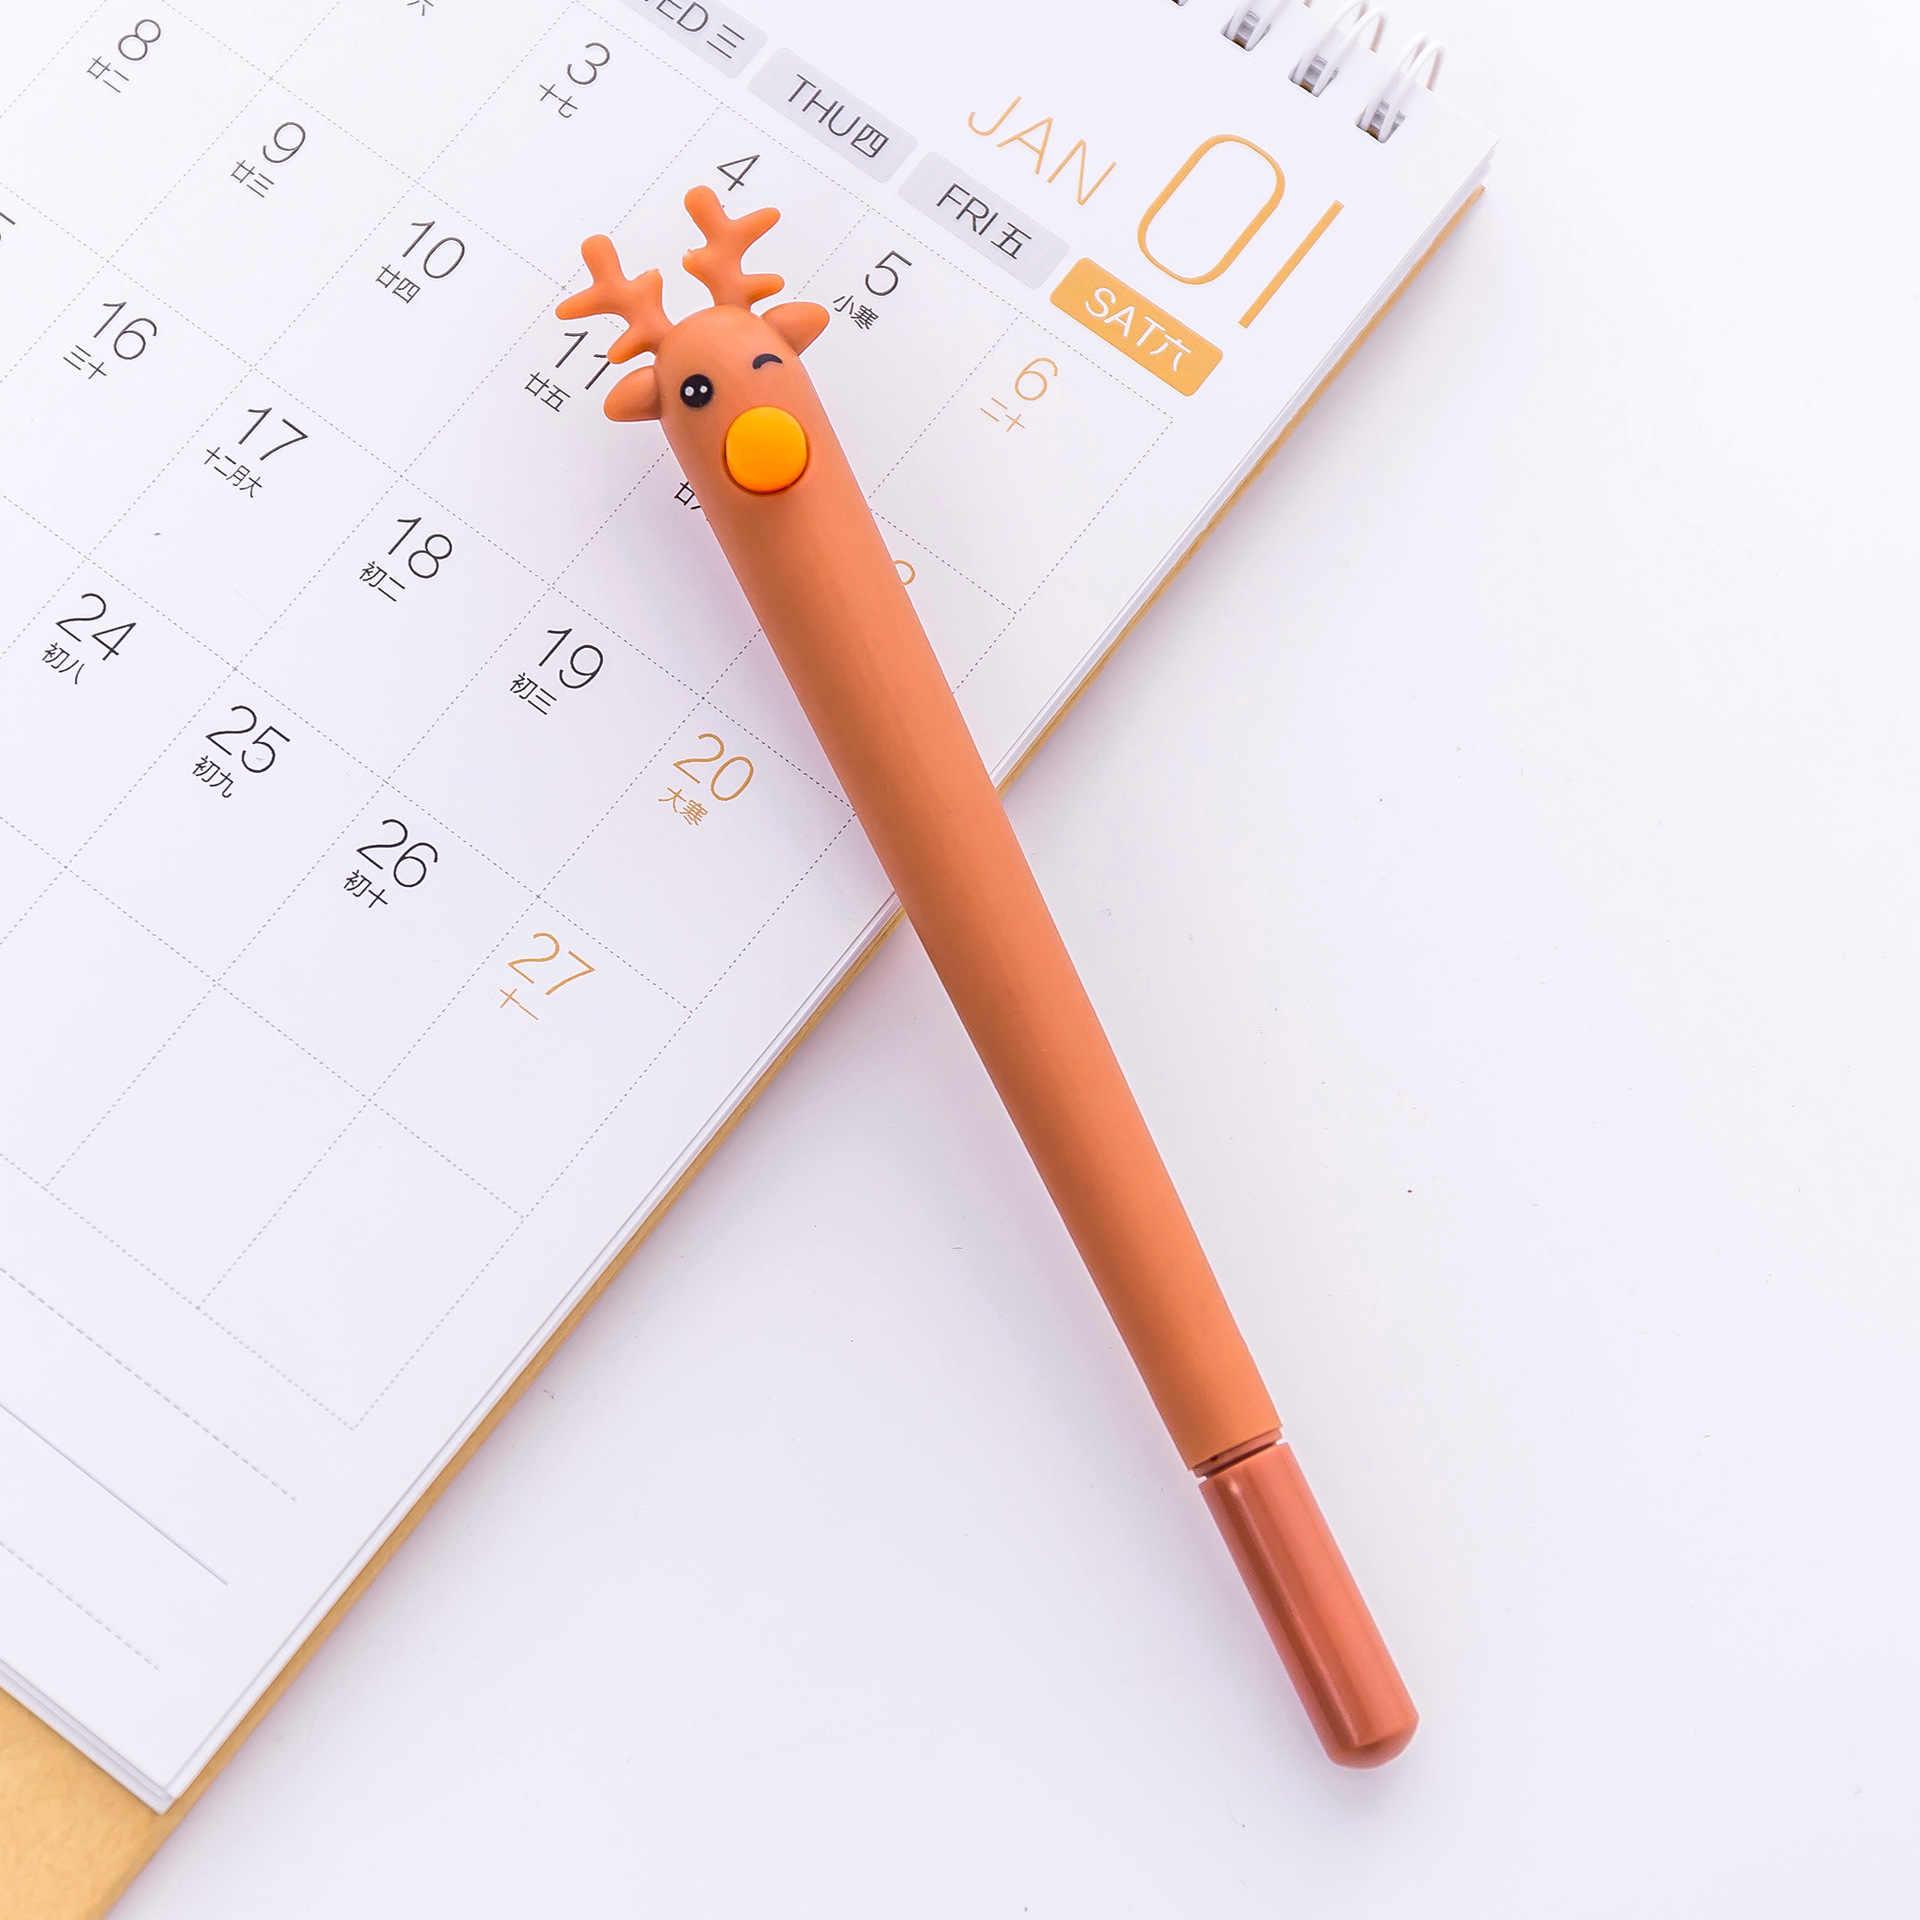 Yaratıcı sevimli karikatür geyik modelleme jel kalem ofis öğrenme Noel siyah geyik imza kalem kawaii okul malzemeleri